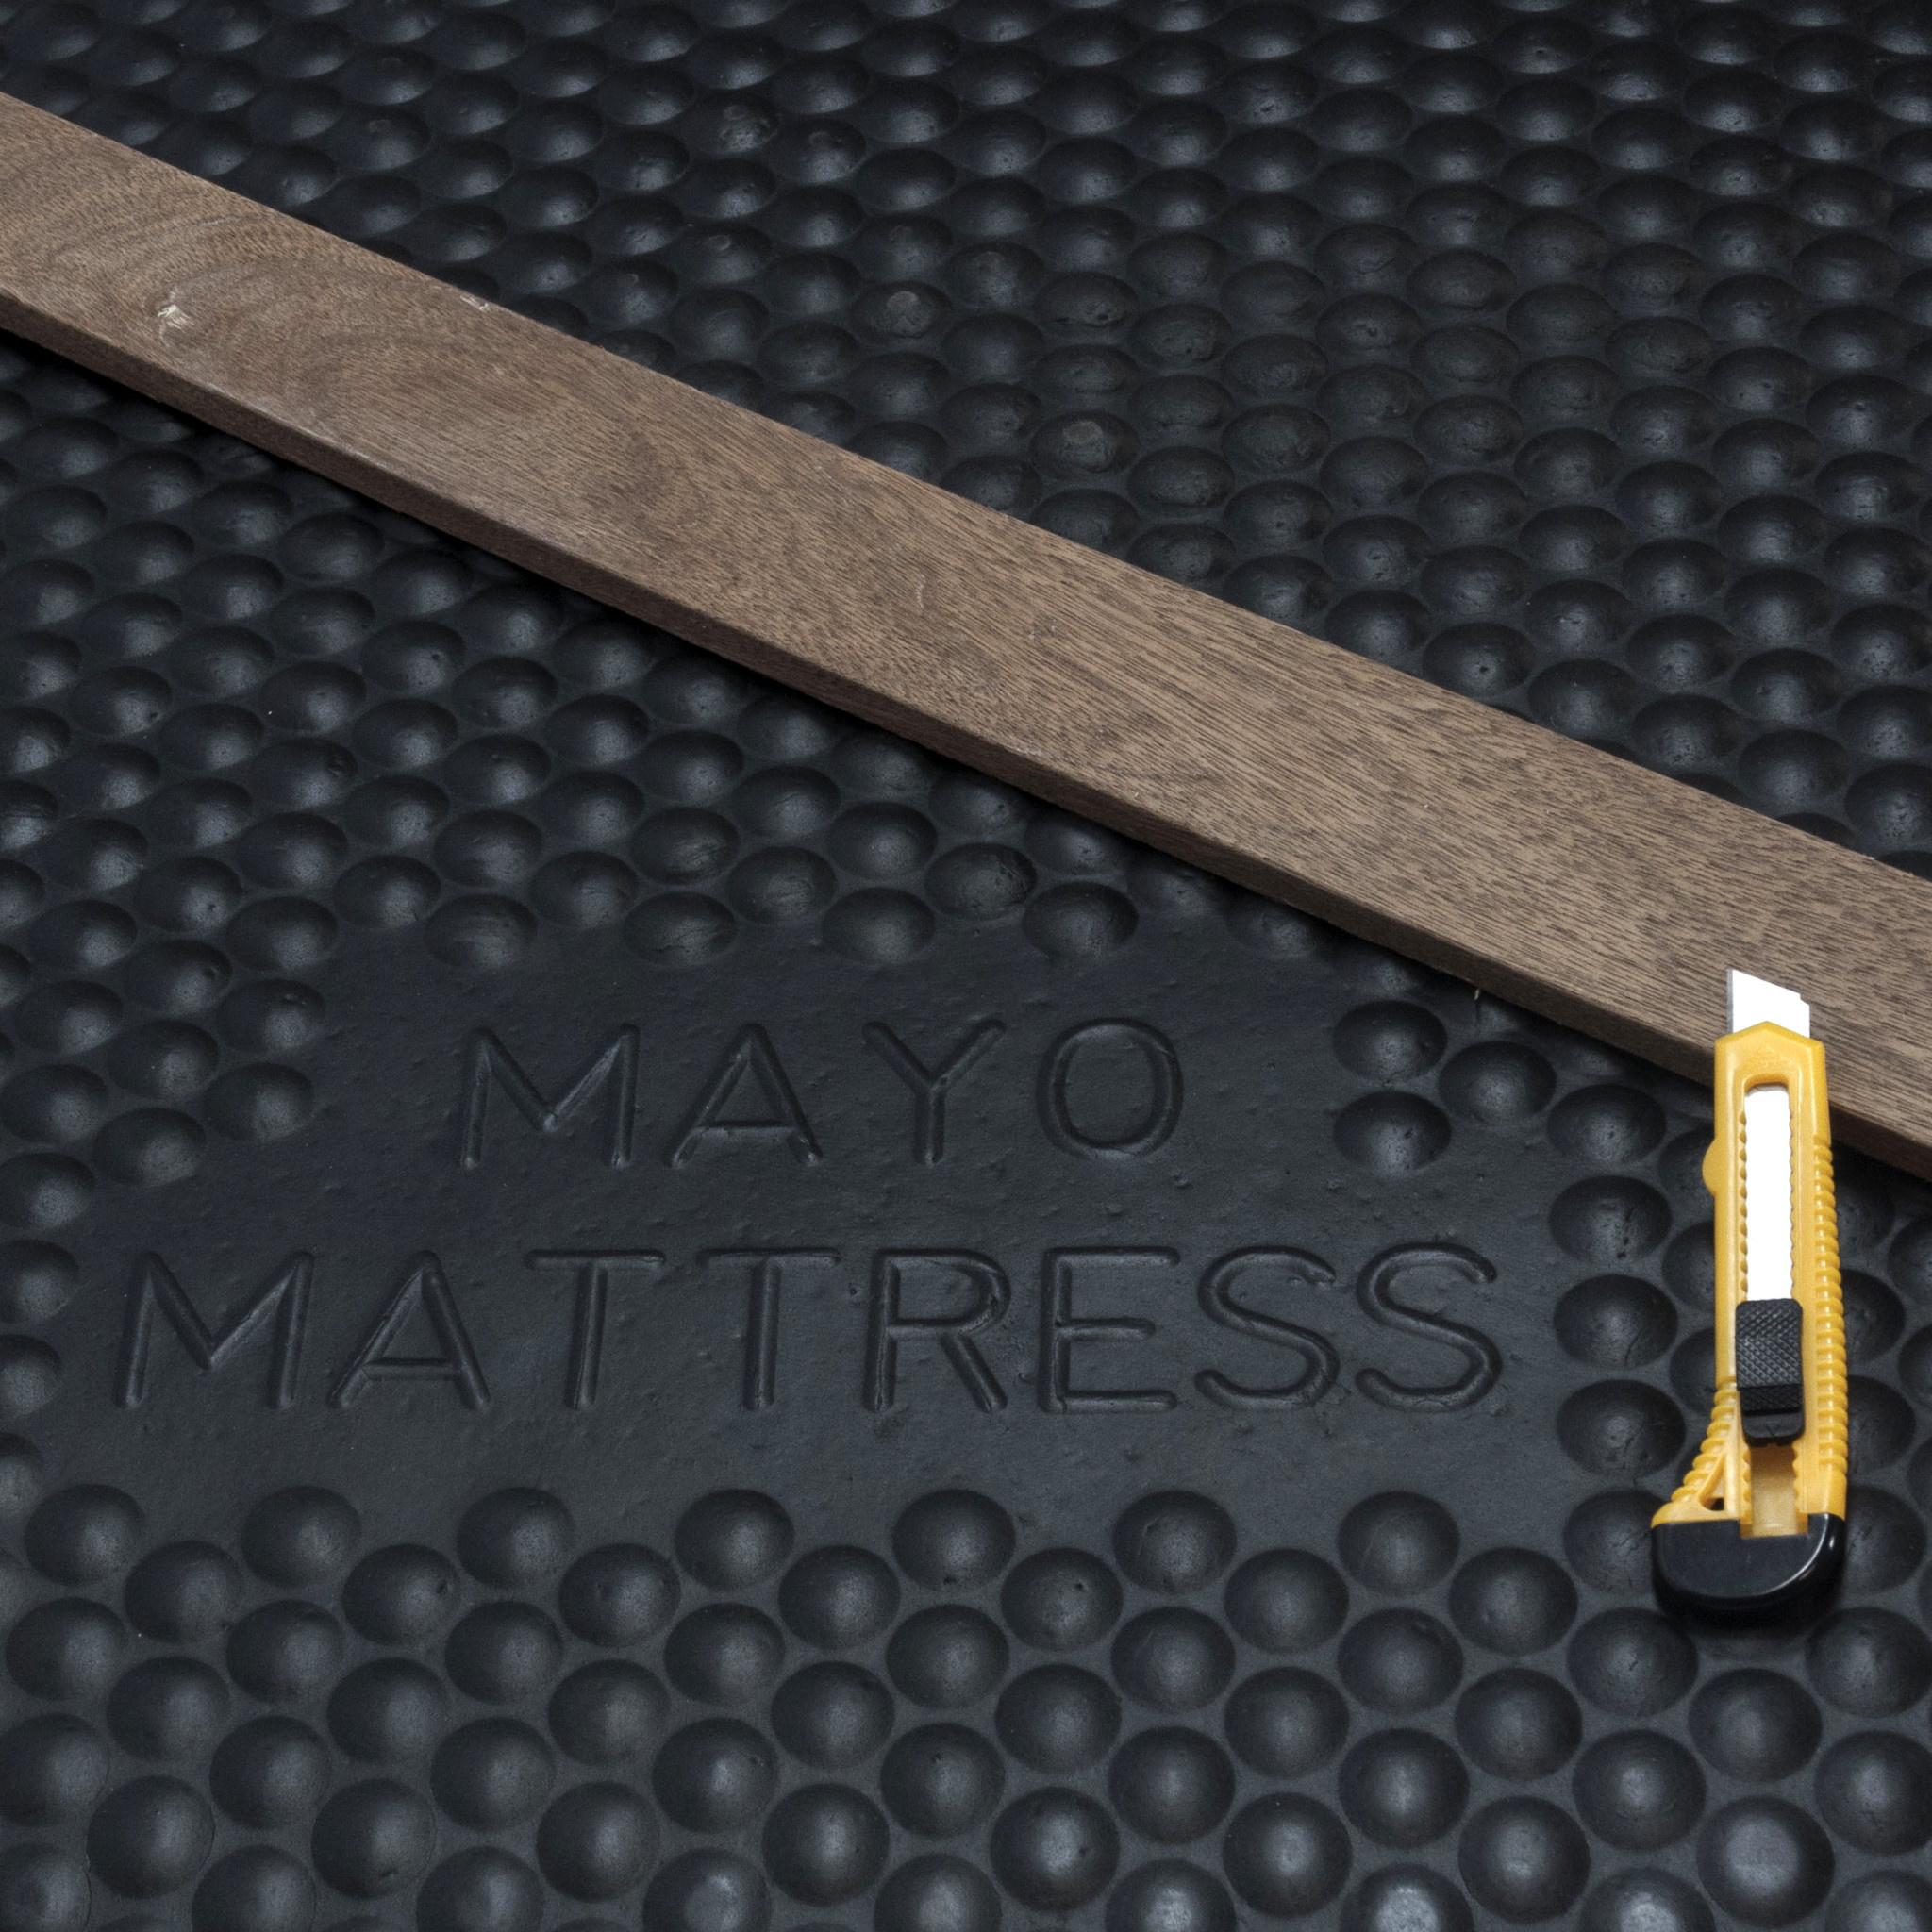 Mayo MAYO Horse mattress 1.83x1.20m